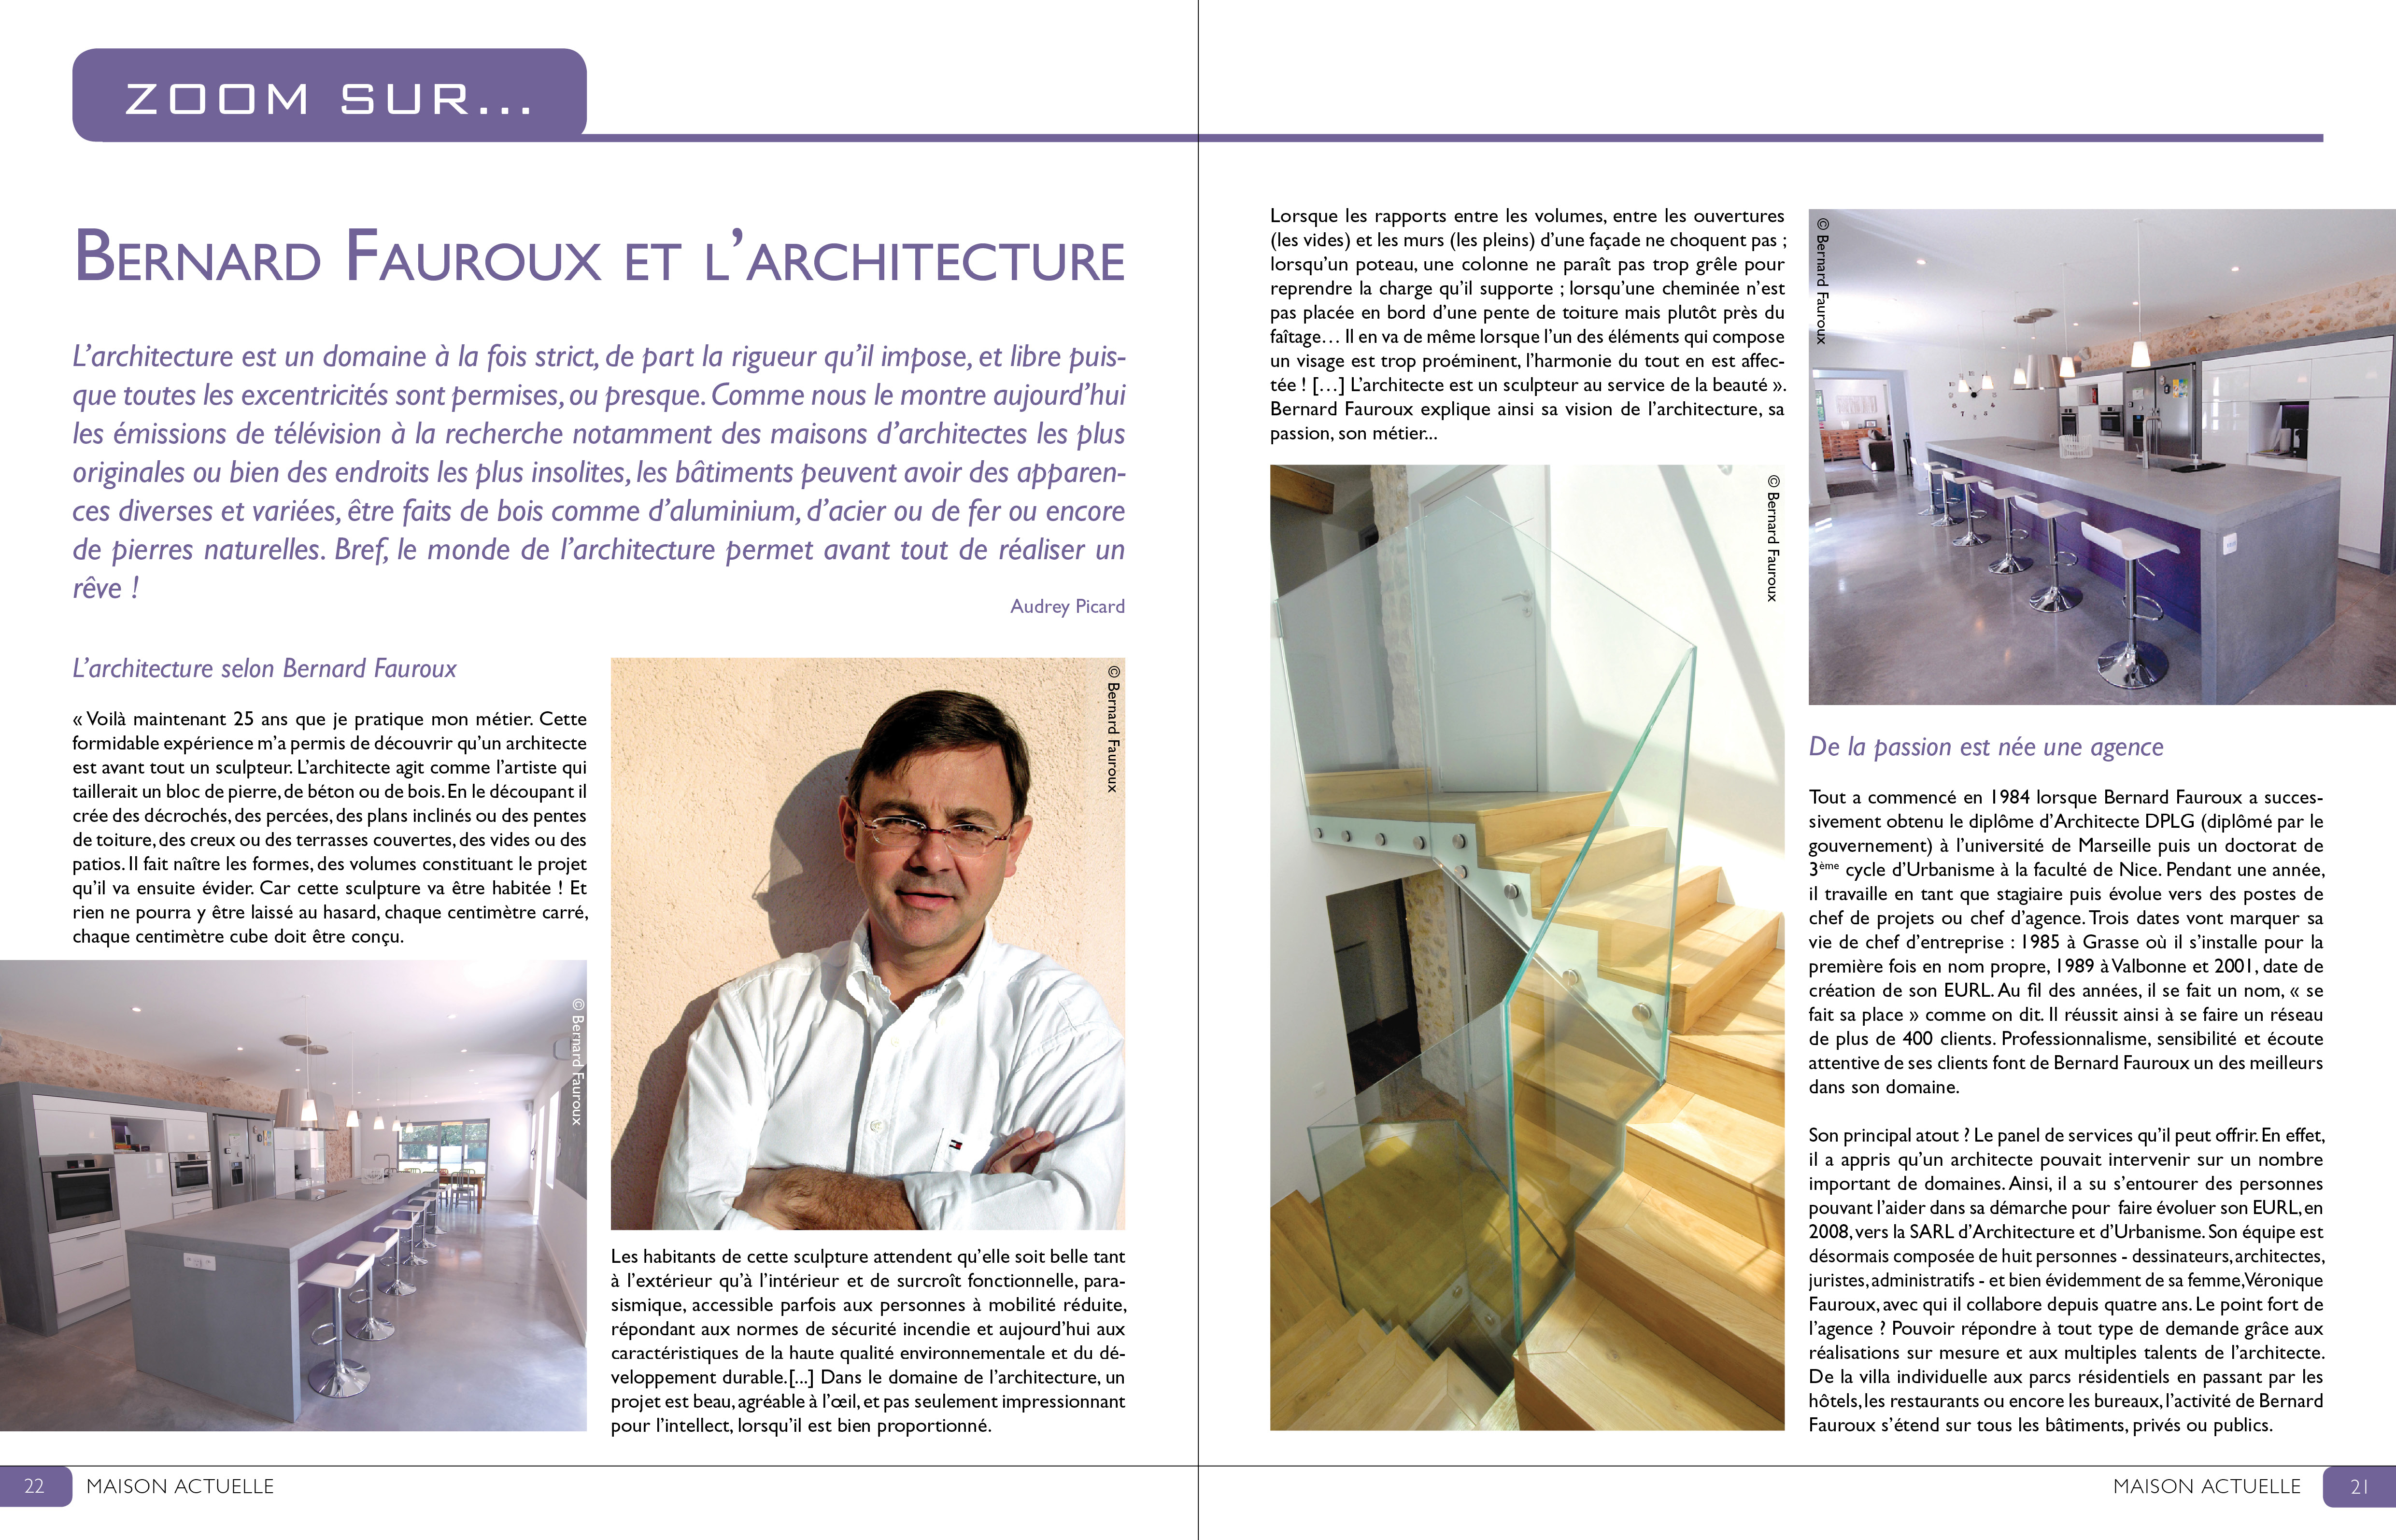 FAUROUX ARCHITECTE VALBONNE PROVENCE ALPES COTE D'AZUR NICE maison-actuelle-n-24-1